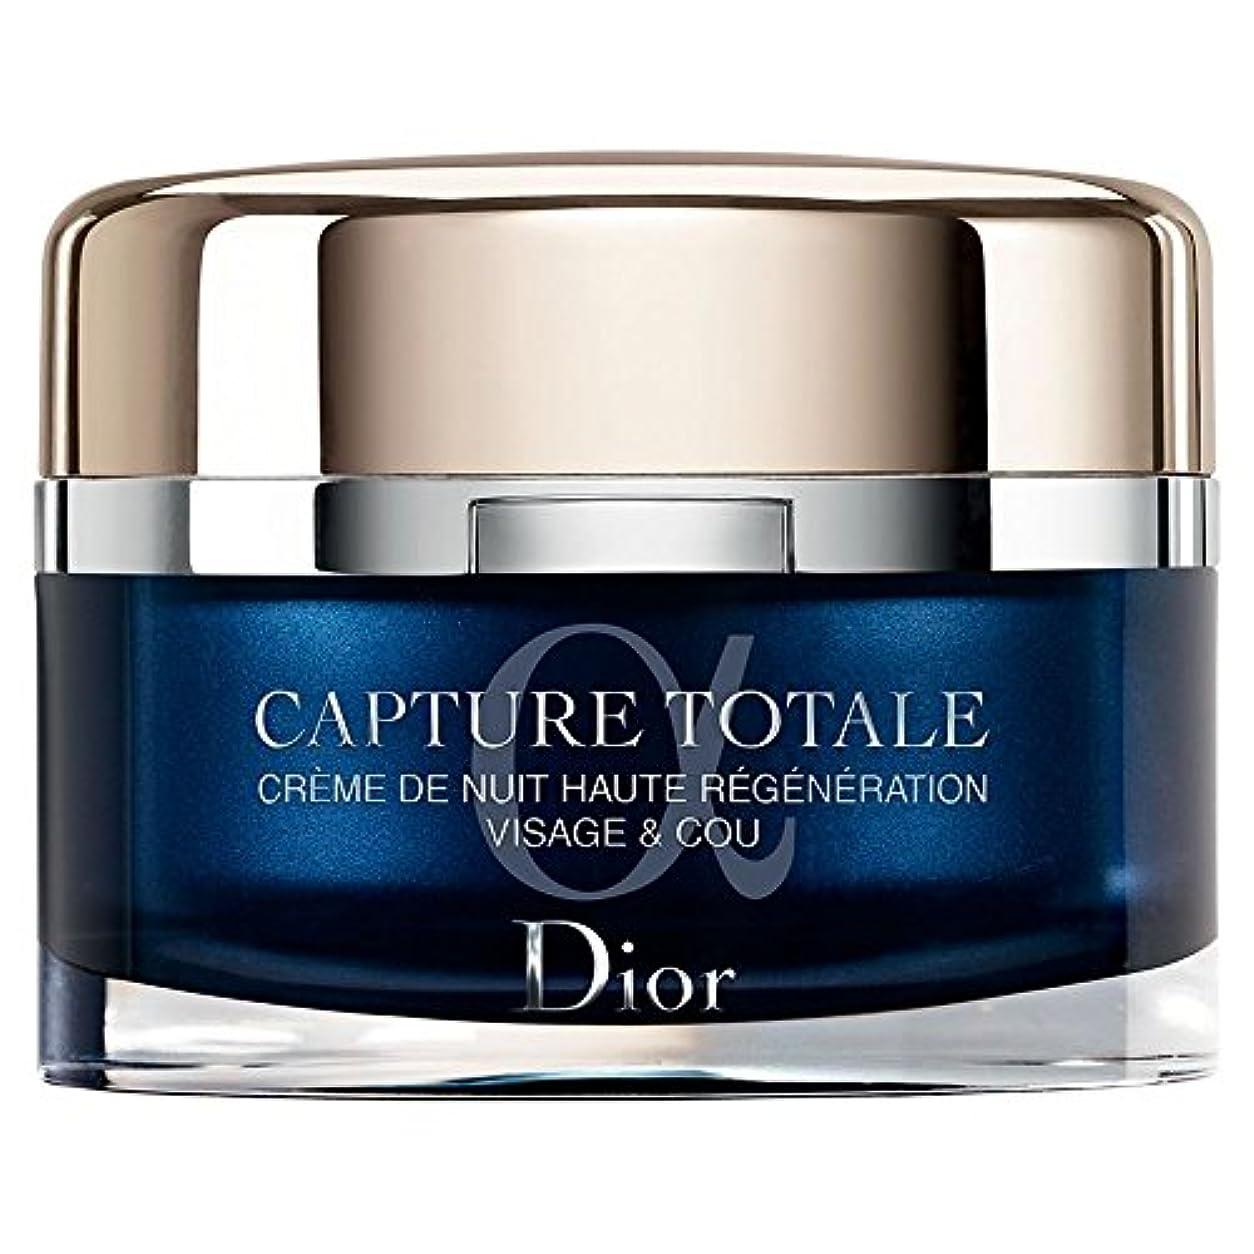 クリープ展開する豚肉[Dior] ディオールキャプチャカプチュールトータルインテンシブナイト修復クリーム、60ミリリットル - Dior Capture Totale Intensive Night Restorative Cream, 60ml [並行輸入品]